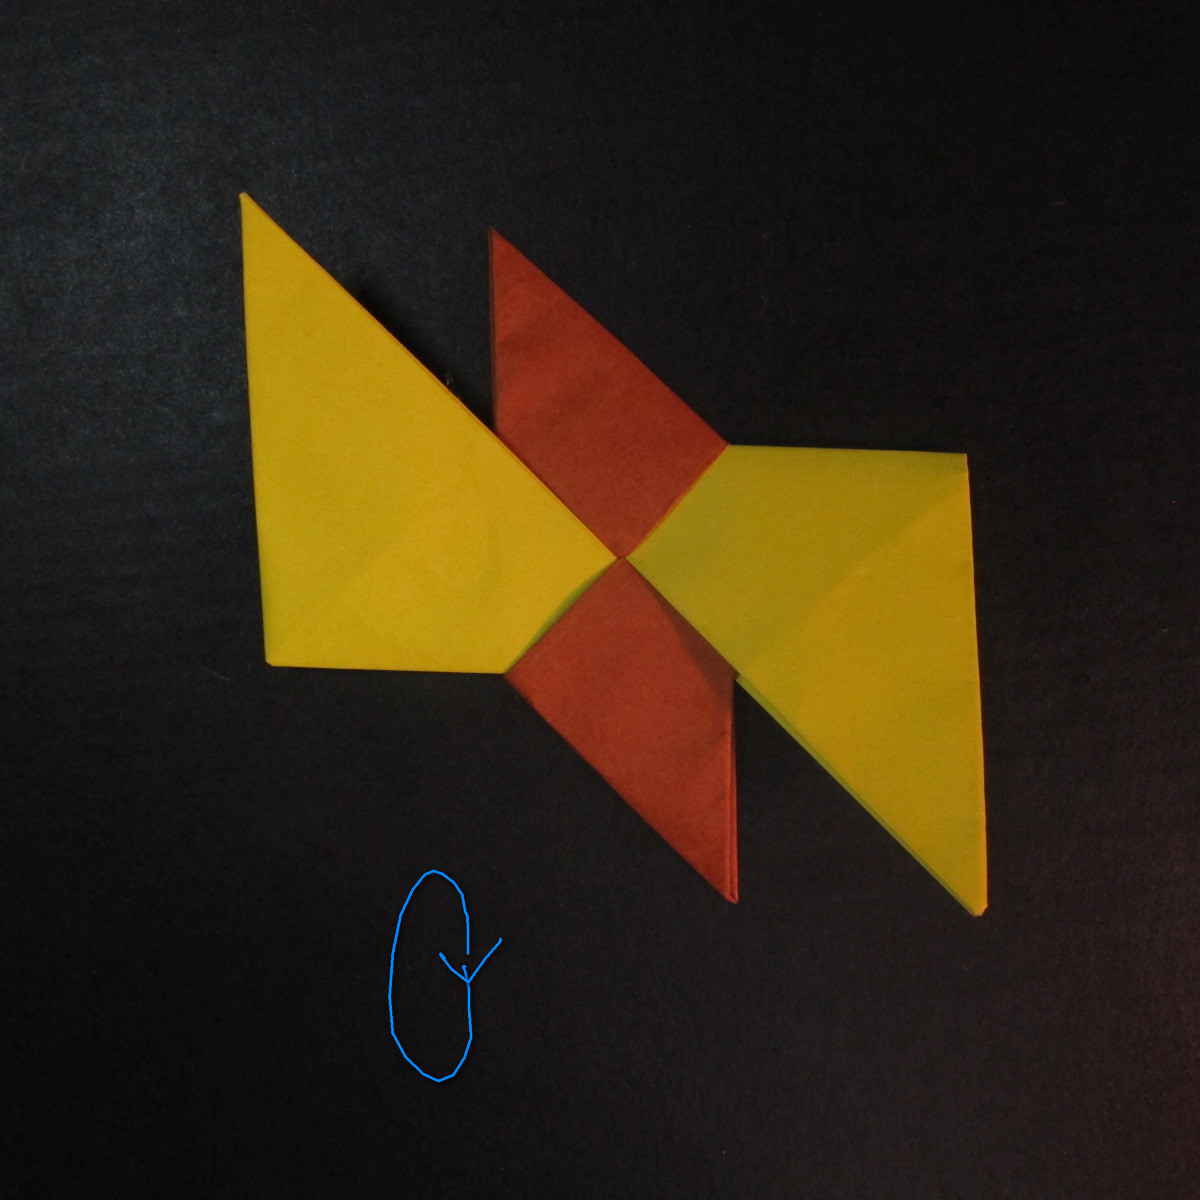 สอนวิธีพับกระดาษเป็นดาวกระจายนินจา (Shuriken Origami) - 013